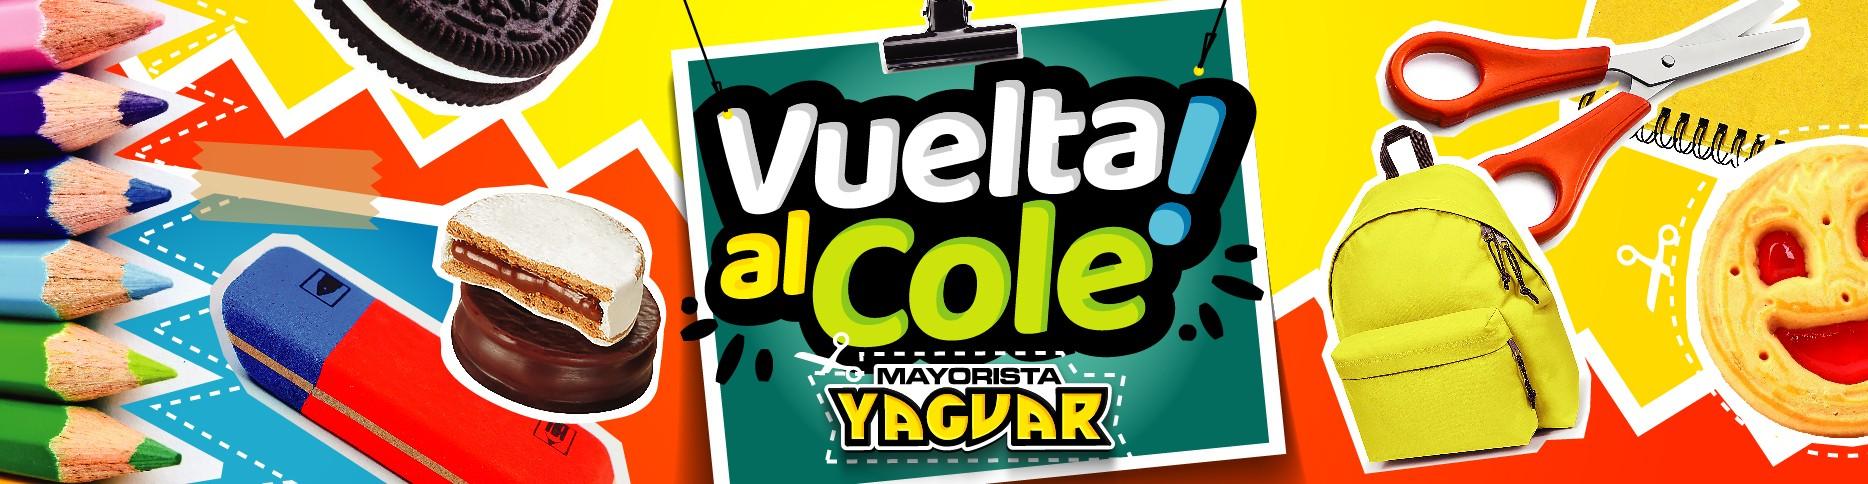 Vuelta al cole Yaguar.